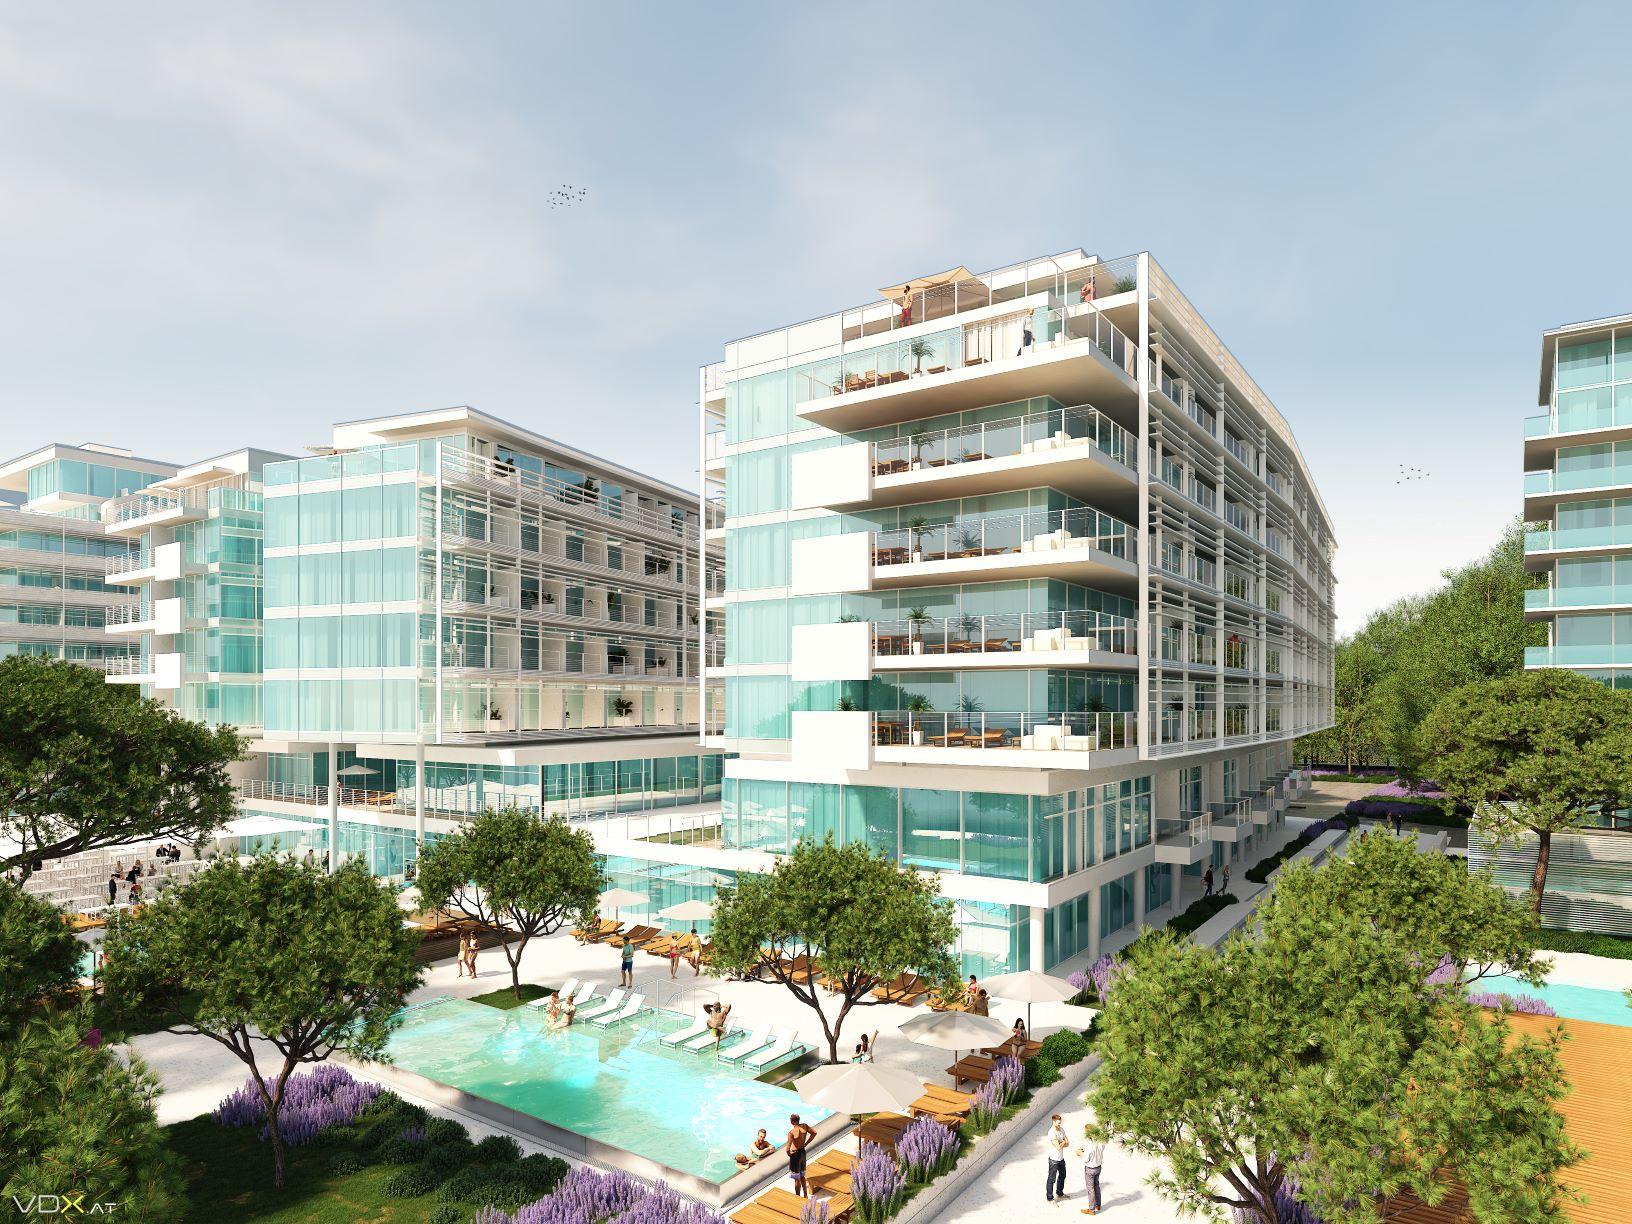 42 neue Luxuswohnungen in Jesolo